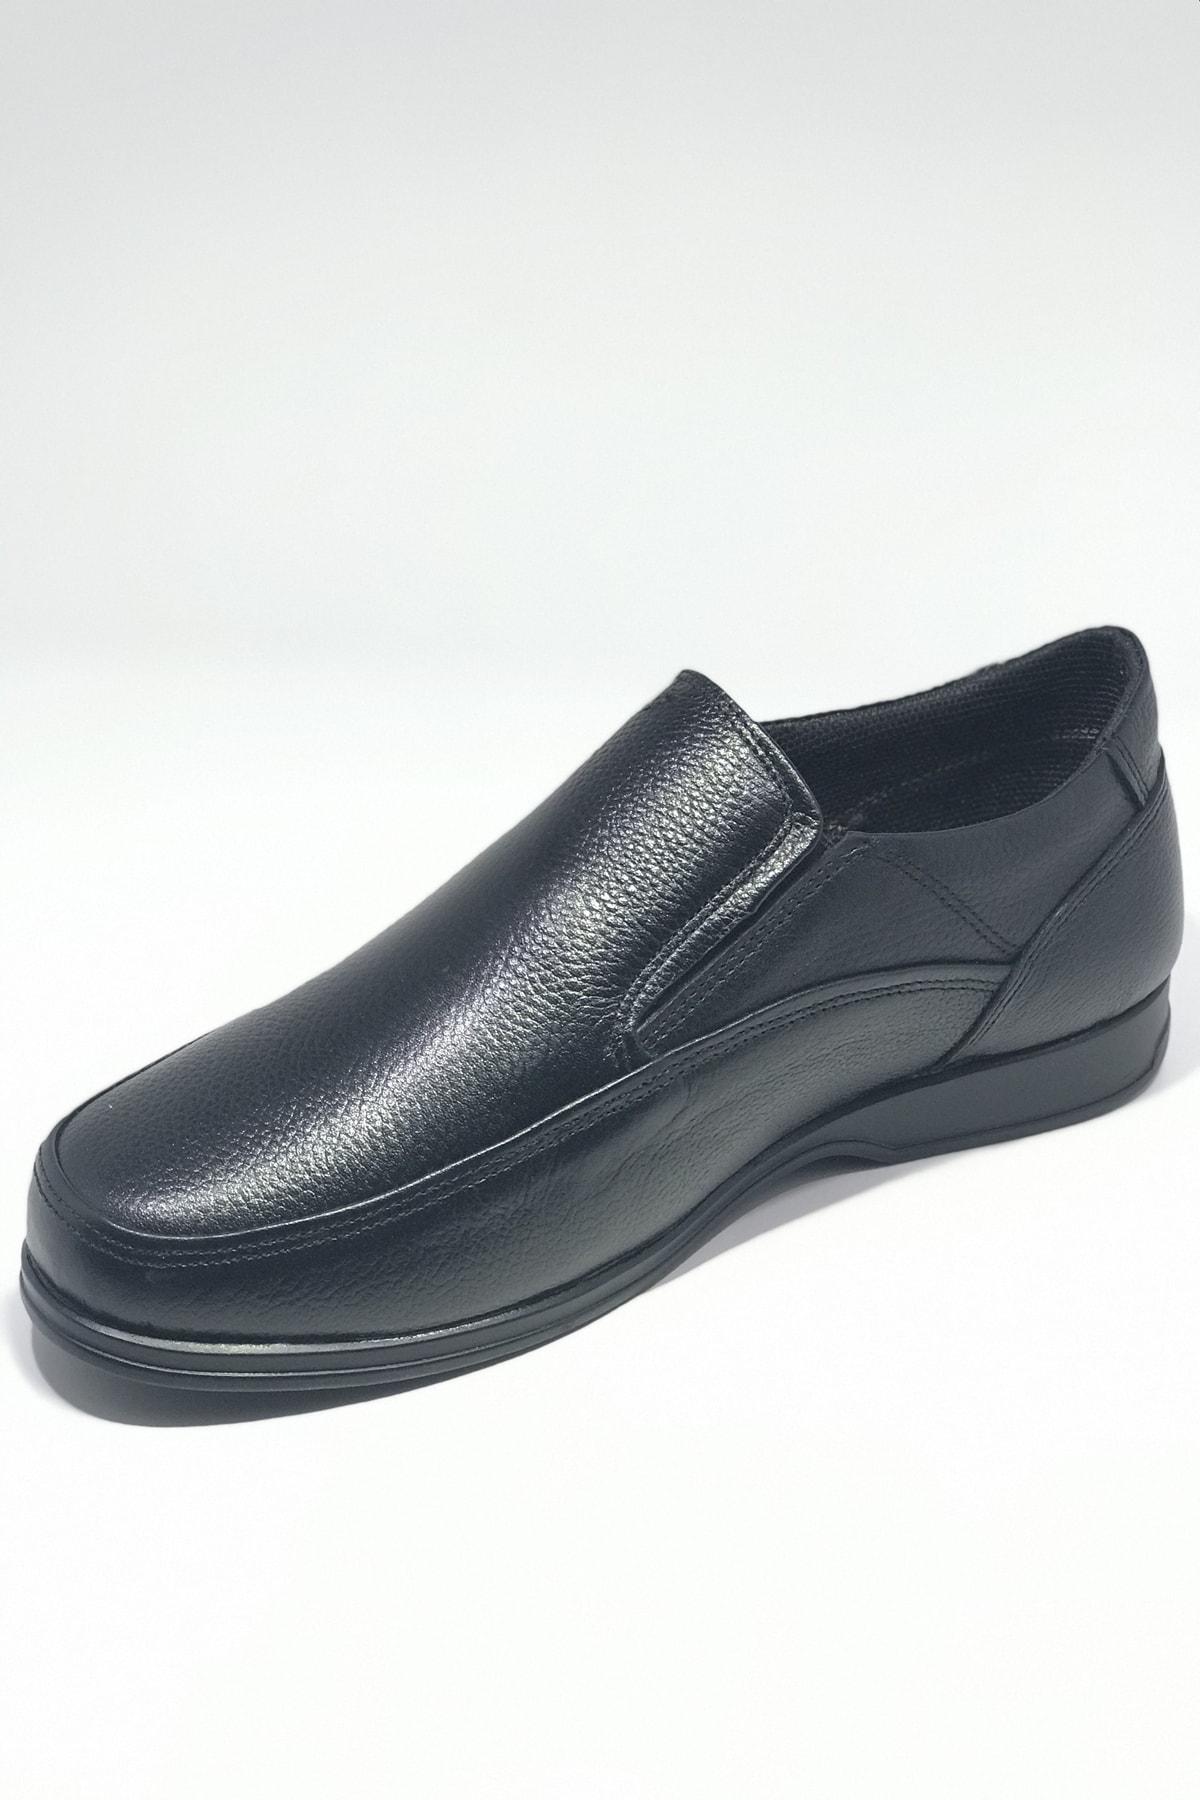 SAİM KUNDURA Baba Ayakkabısı Hakiki Deri 4 Mevsimlik Ortopedik Taban Bağsız 2